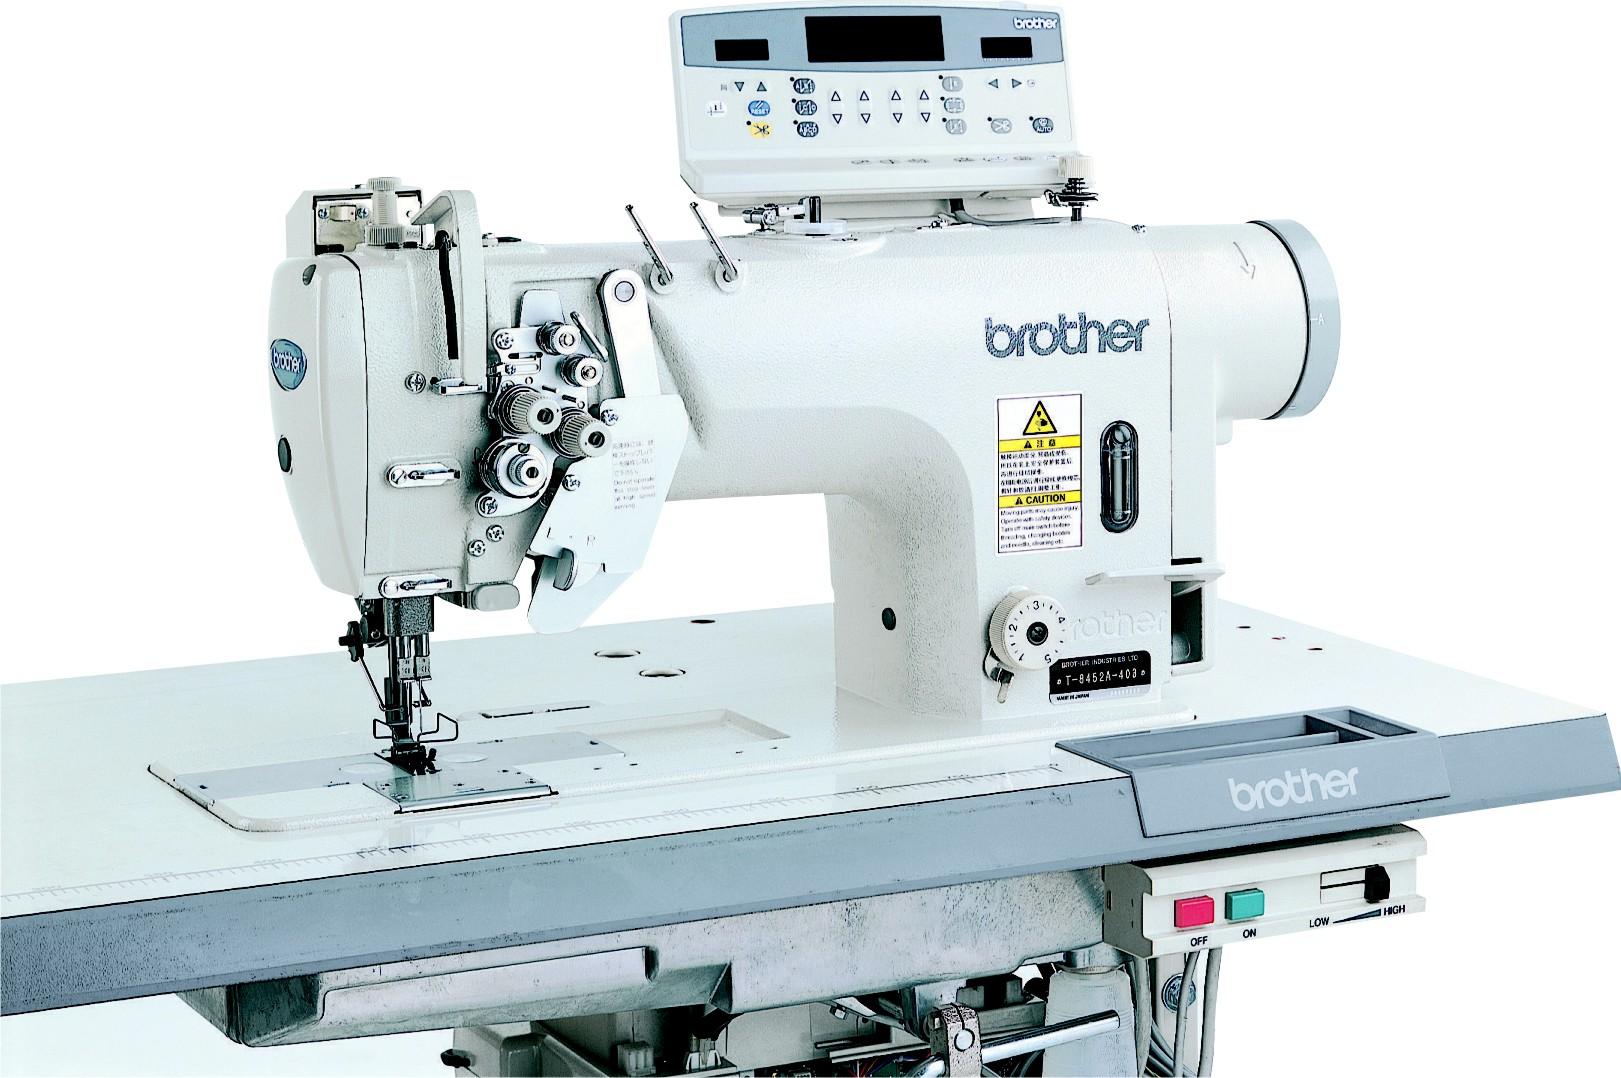 Швейное оборудование по выгодной акции в интернет-магазине softorg.com.ua